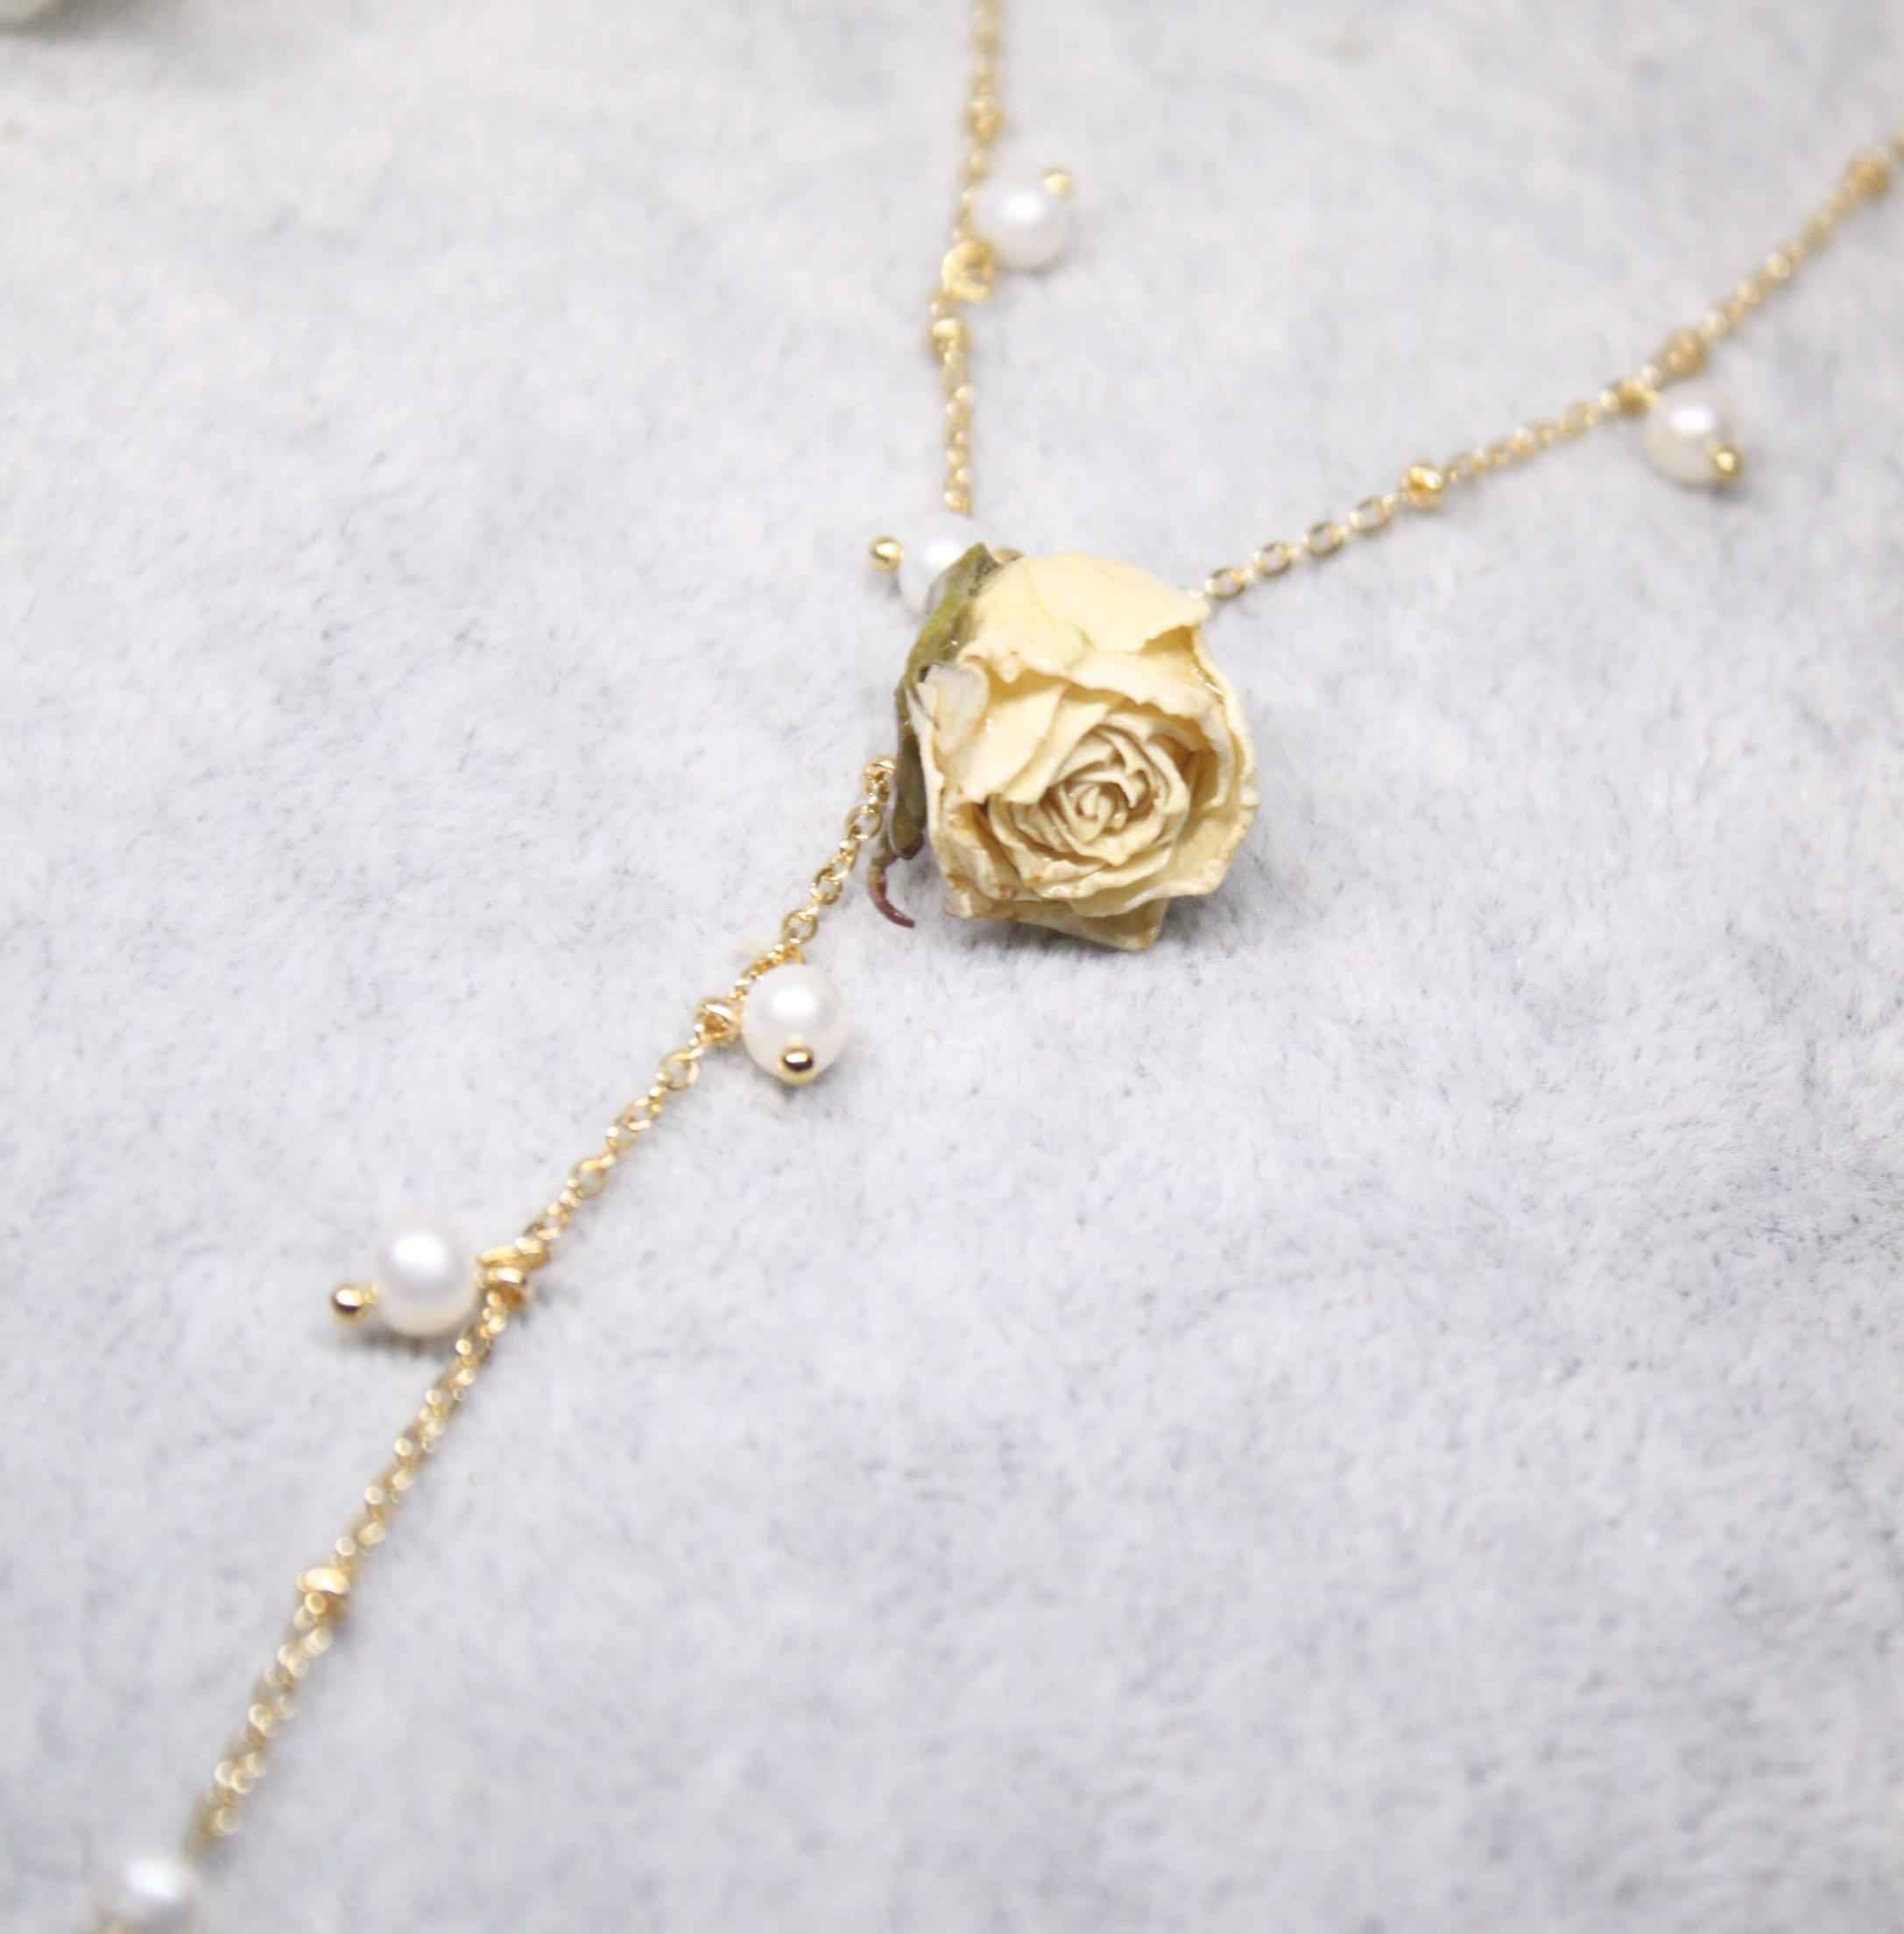 法式珍珠玫瑰花小众设计vintage项链女仙气网红配饰复古Y型锁骨链